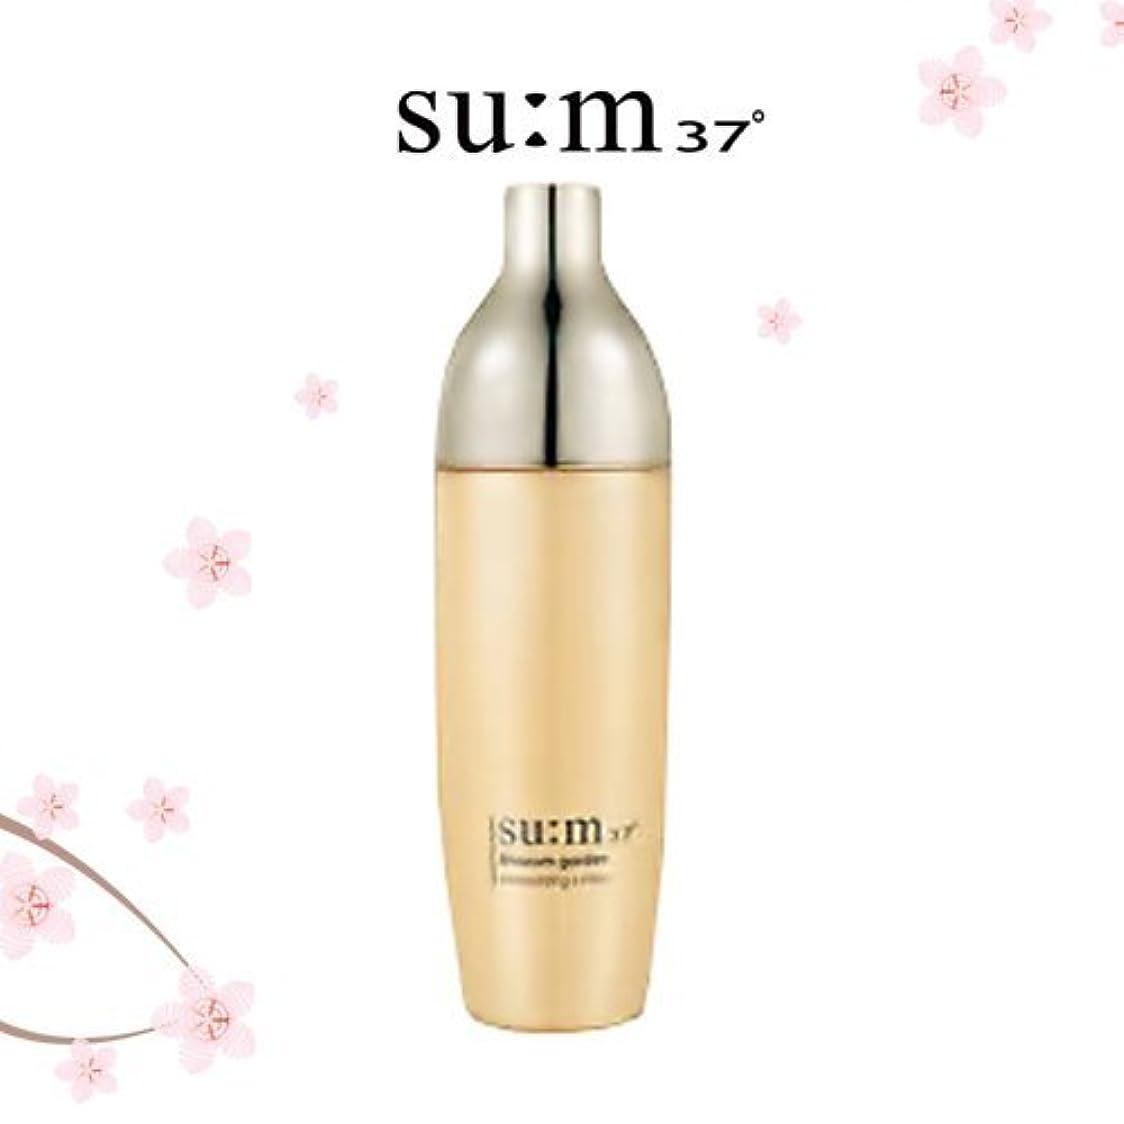 恐ろしいです旅行豊富にsum37(スム37)ブロッサムガーデンモイスチャライジングスキン155ml(blossom garden moisturizing skin)(並行輸入品)